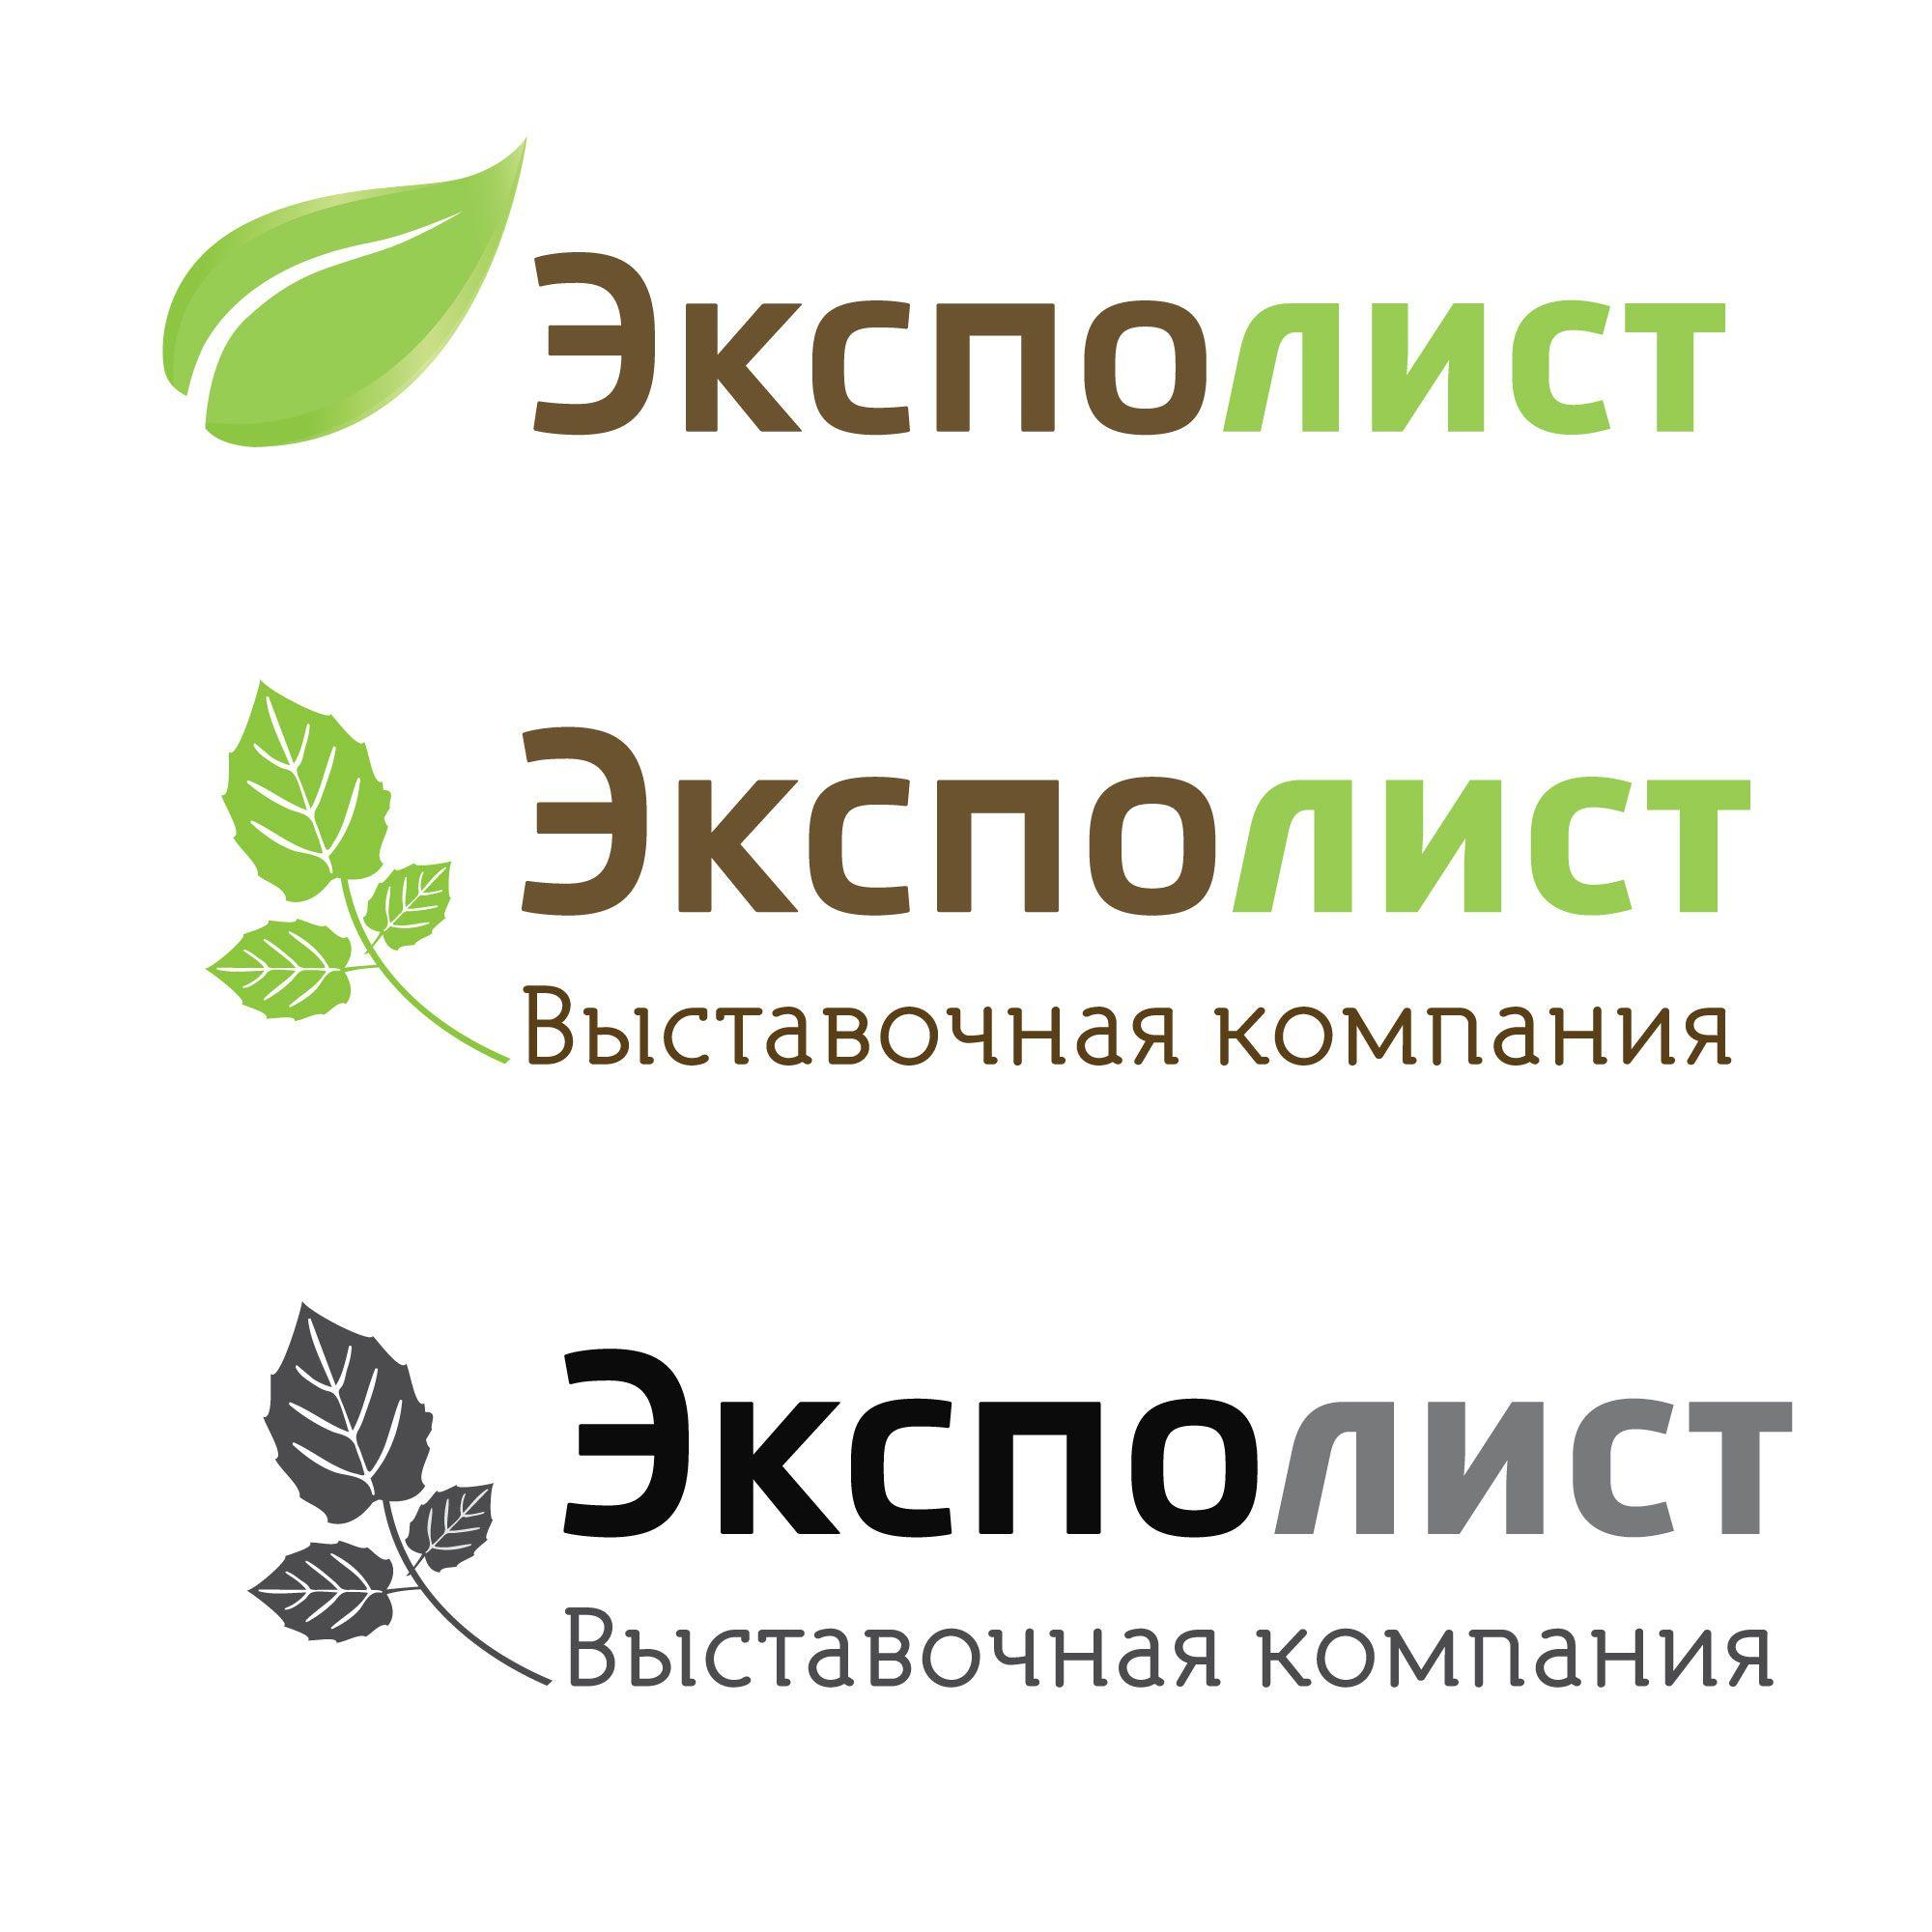 Логотип выставочной компании Эксполист - дизайнер Letova